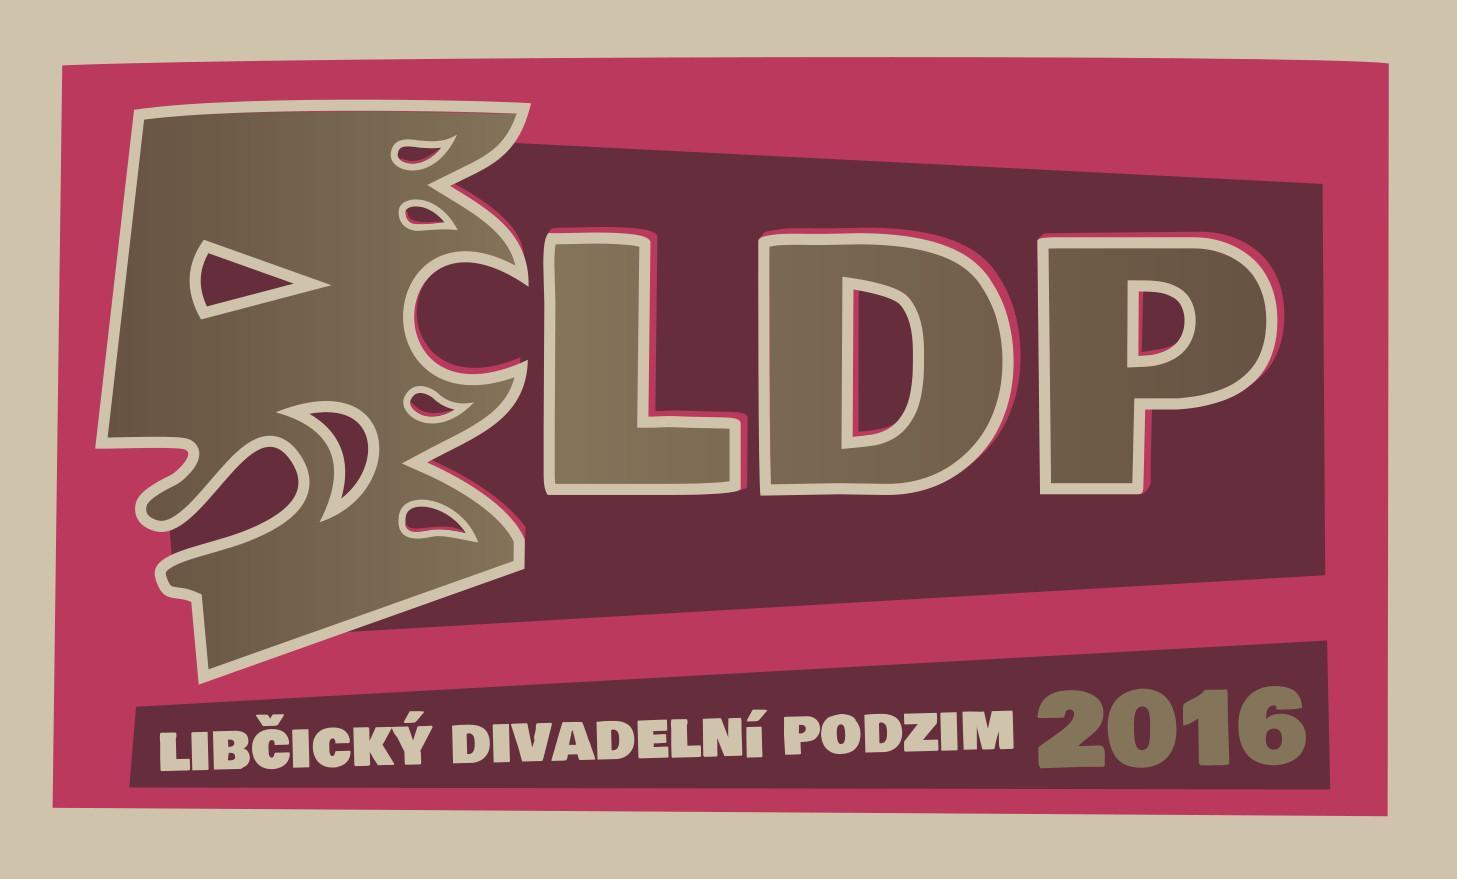 Libčický divadelní podzim 2016